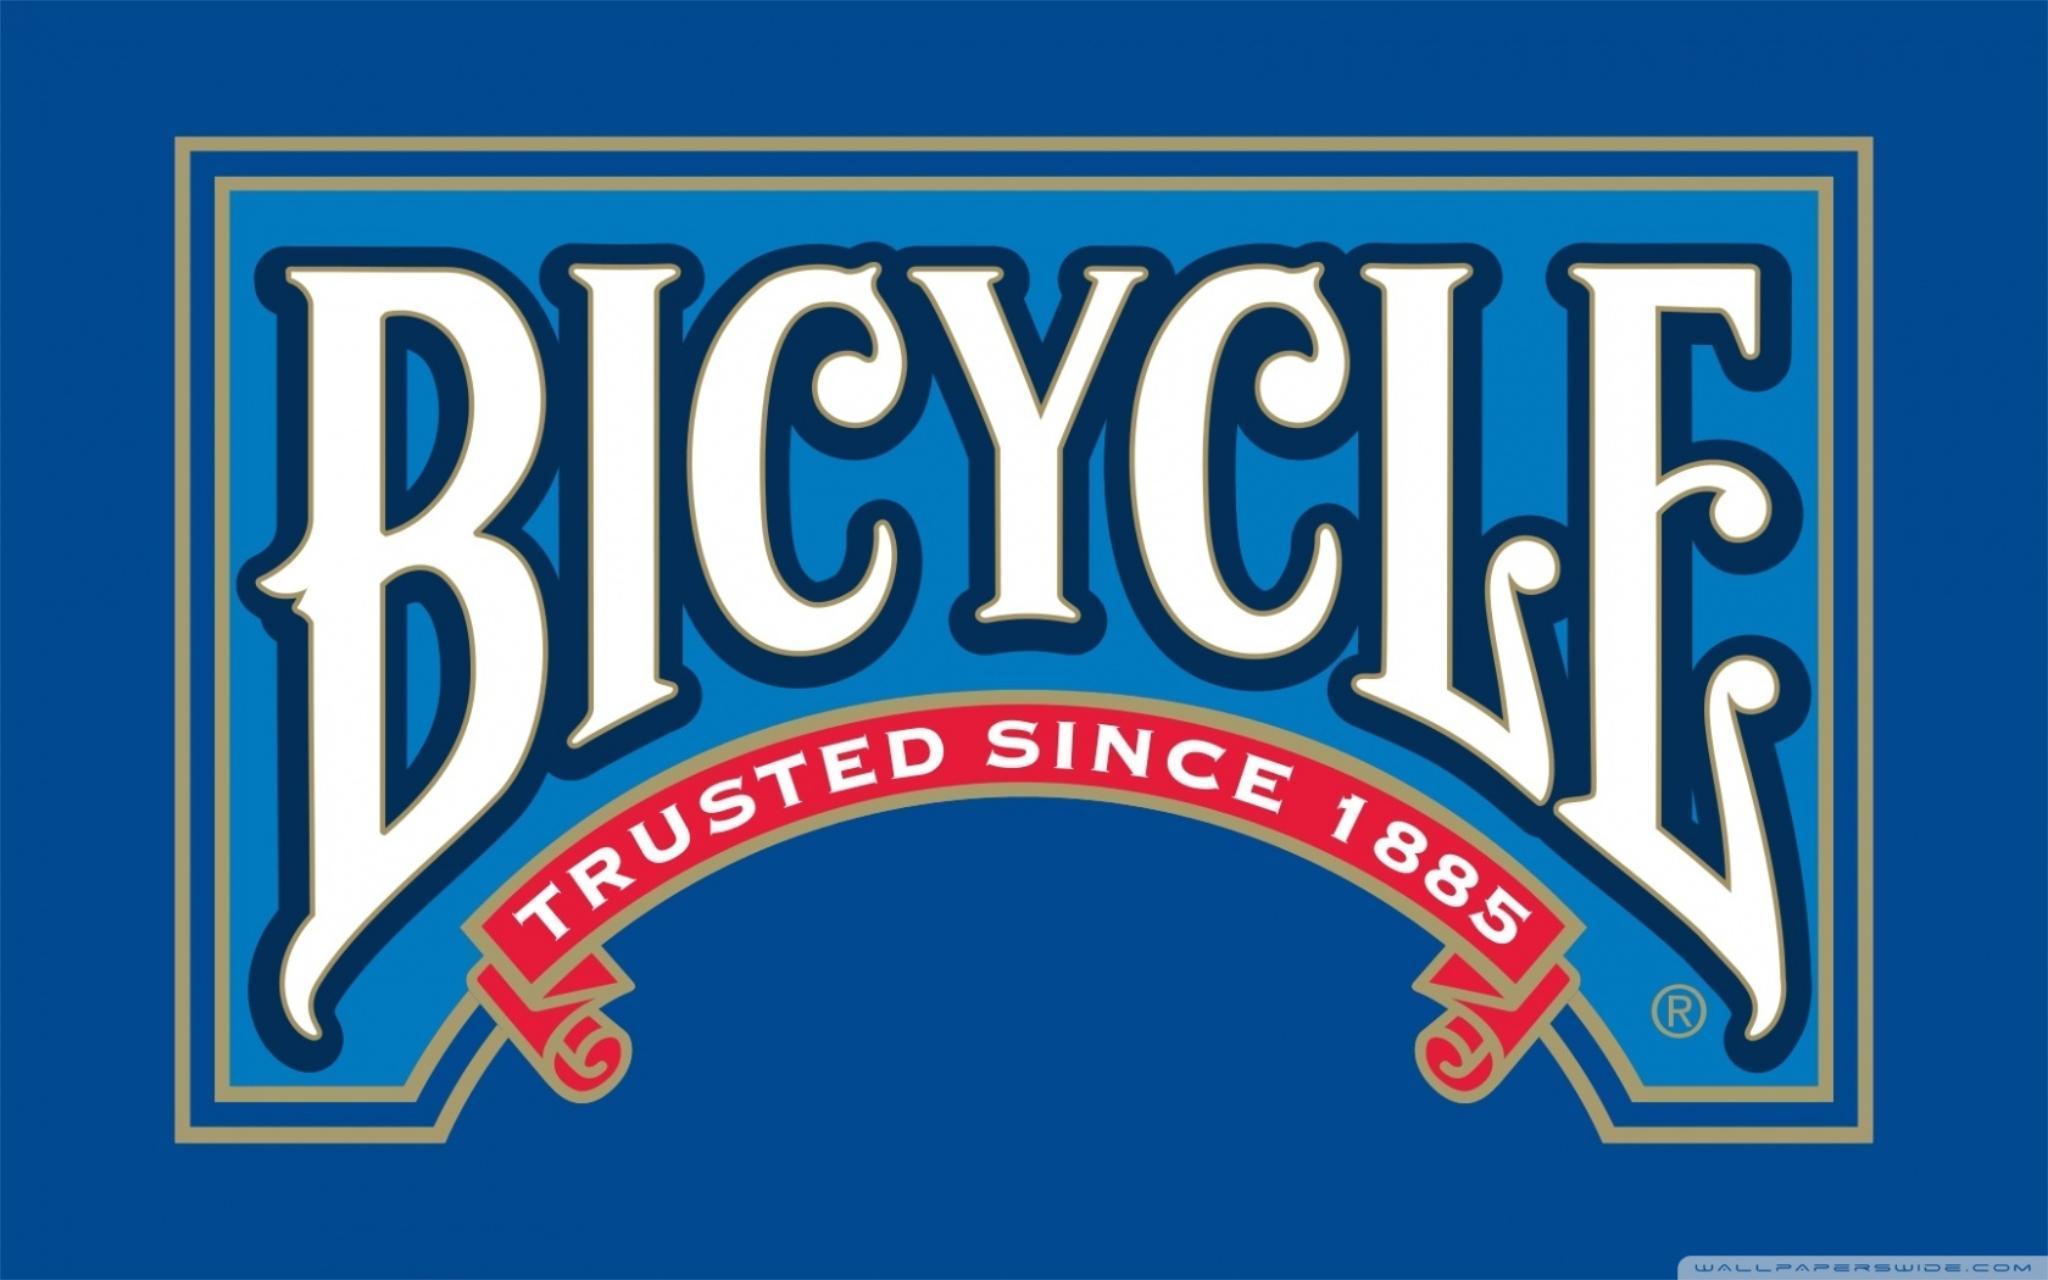 Bicycle Cards Logo Bicycle Playing Cards Logo